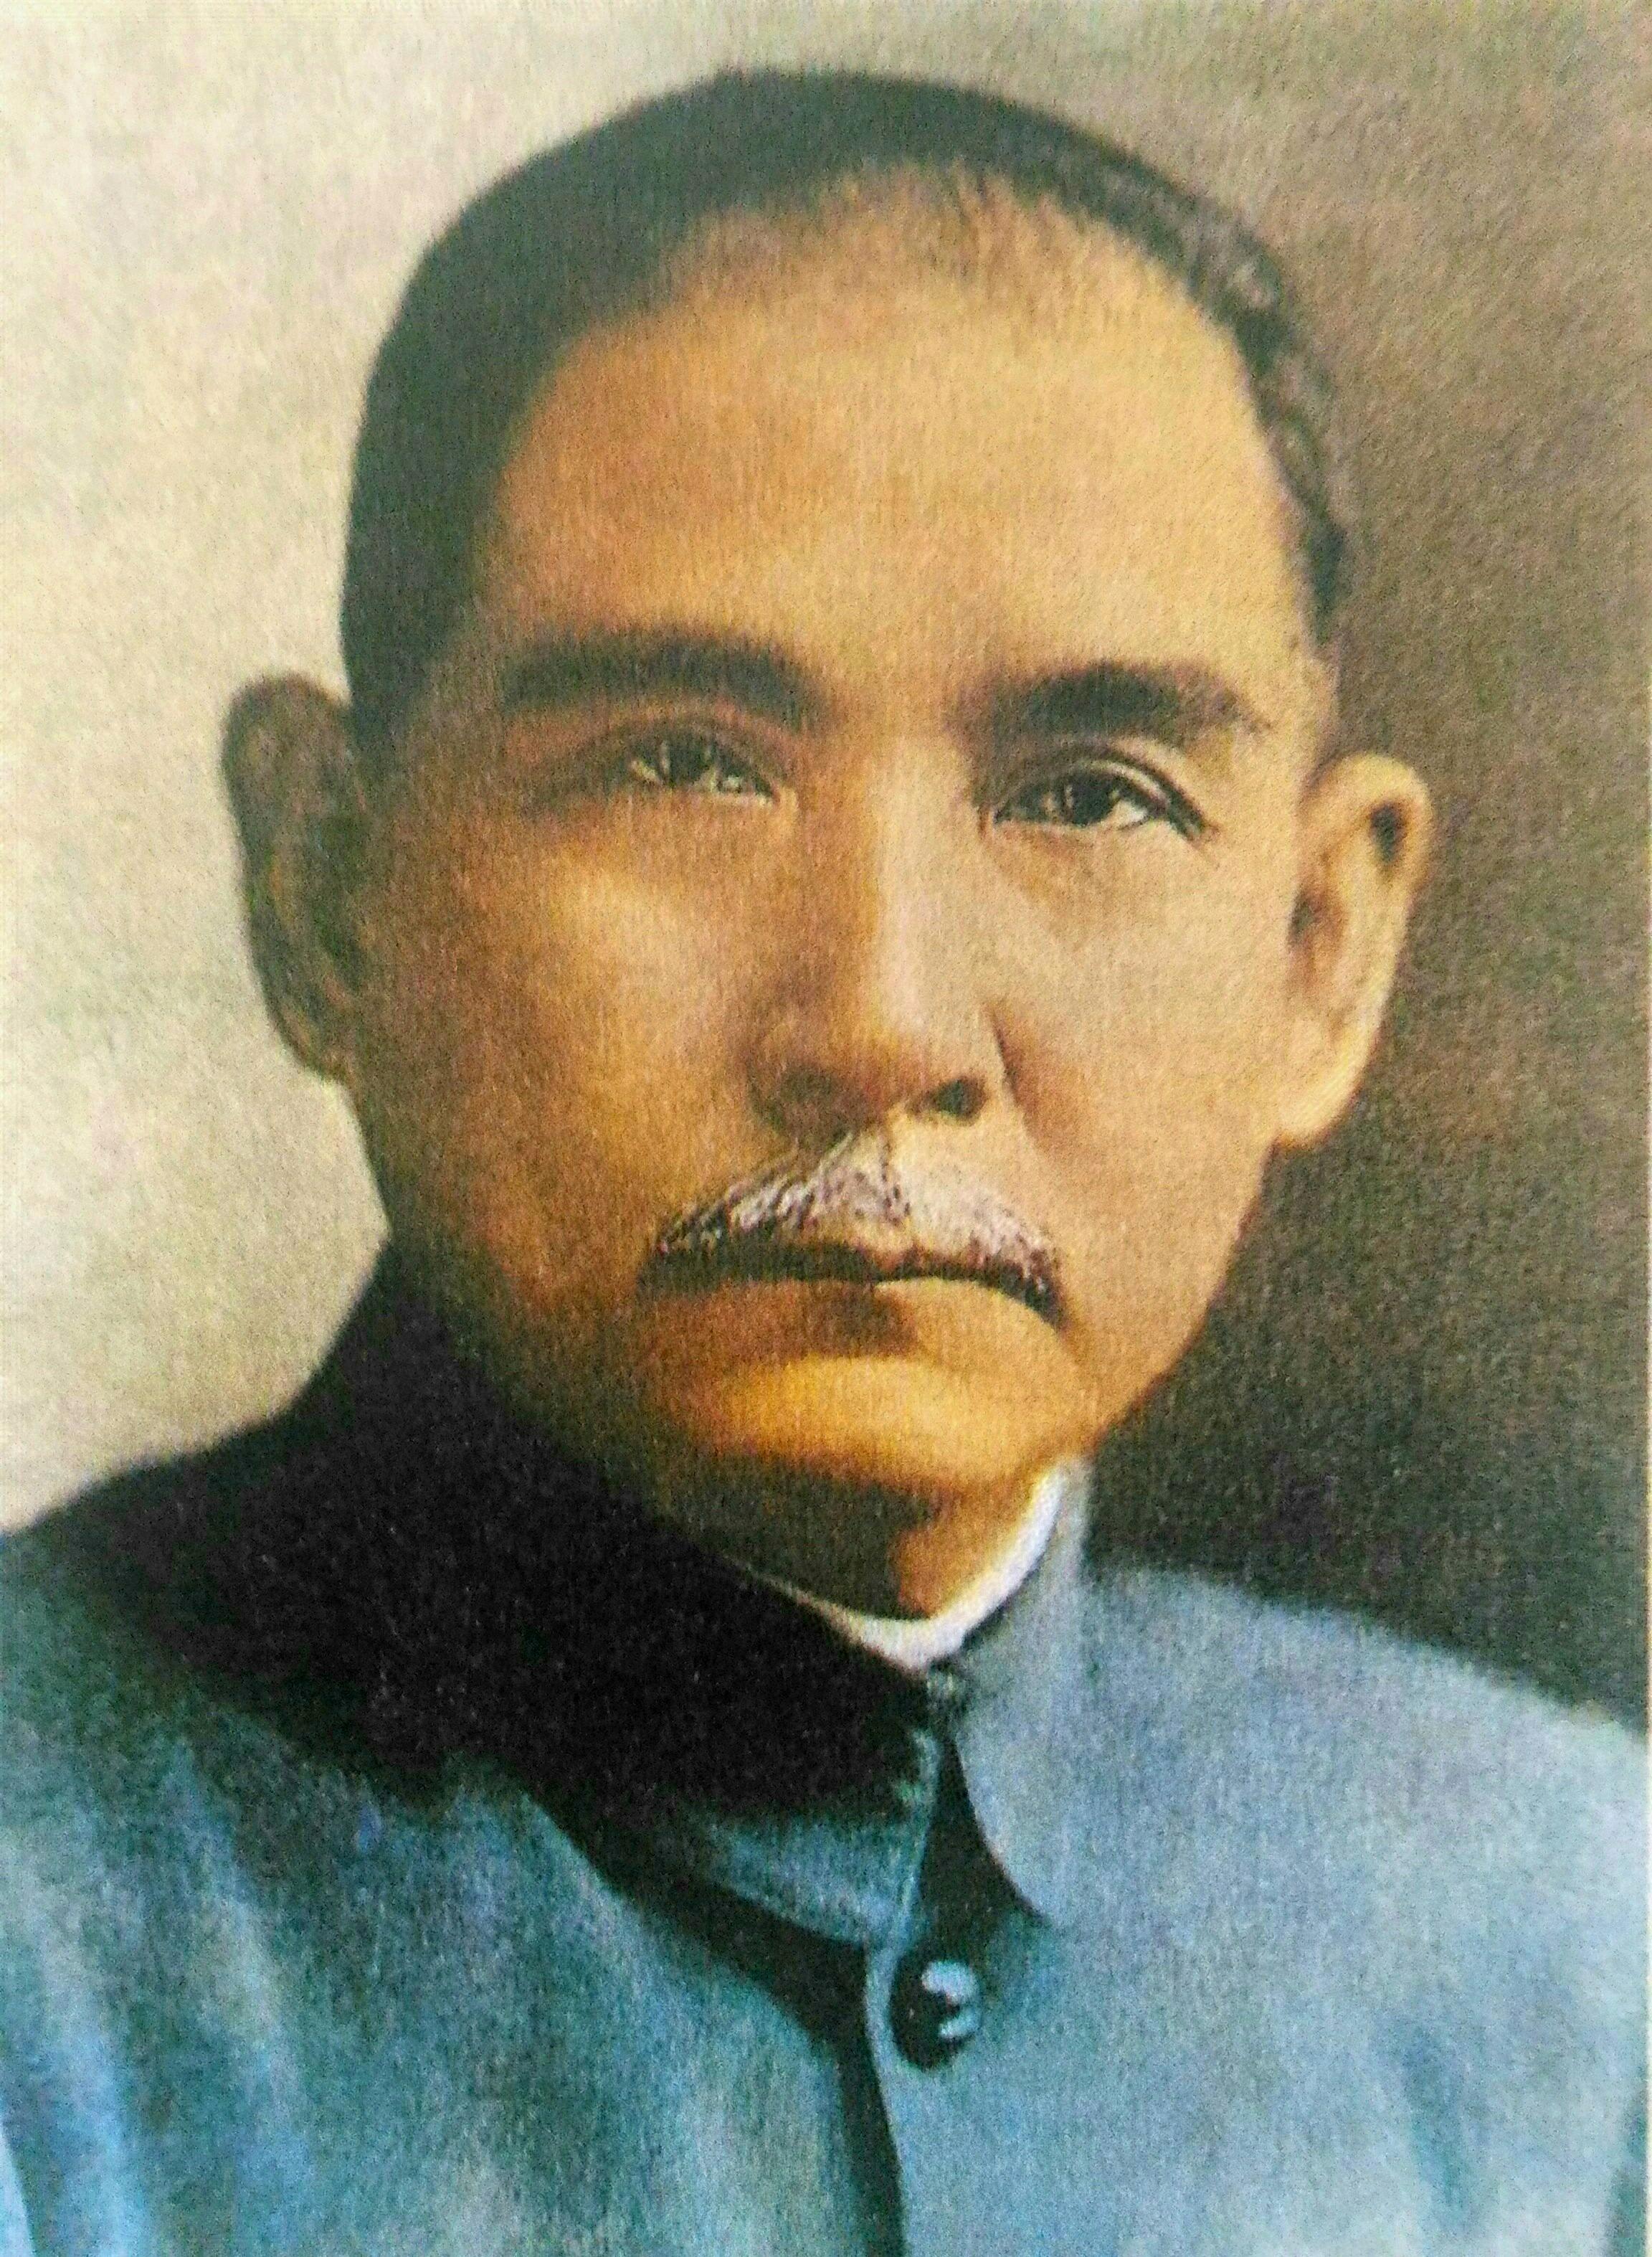 這幅孫文肖像常被悬挂在台灣的各种公共場所